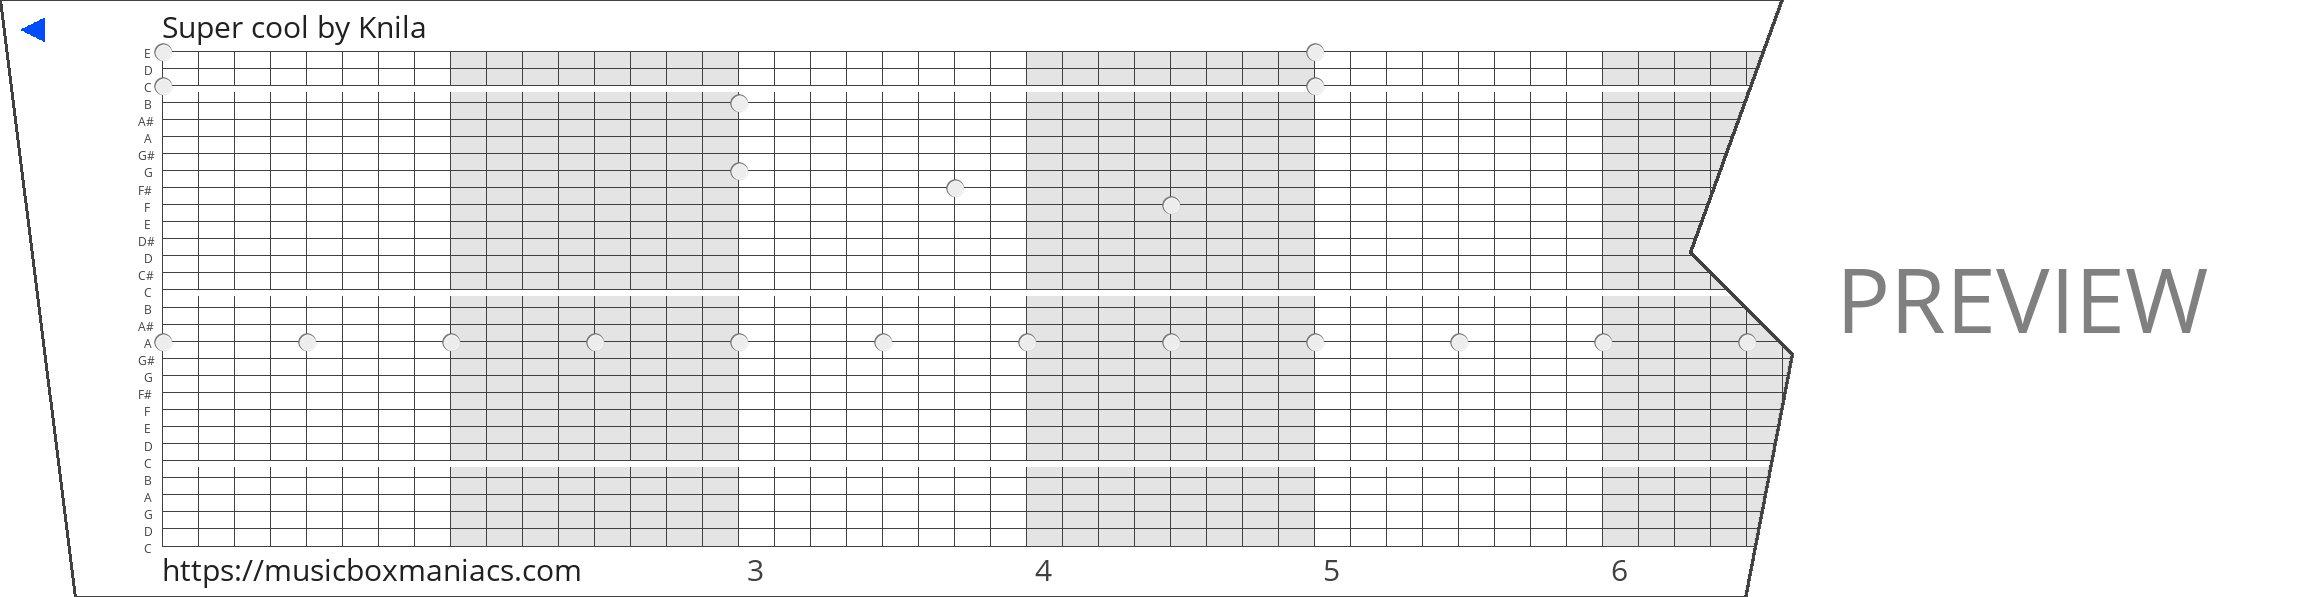 Super cool 30 note music box paper strip